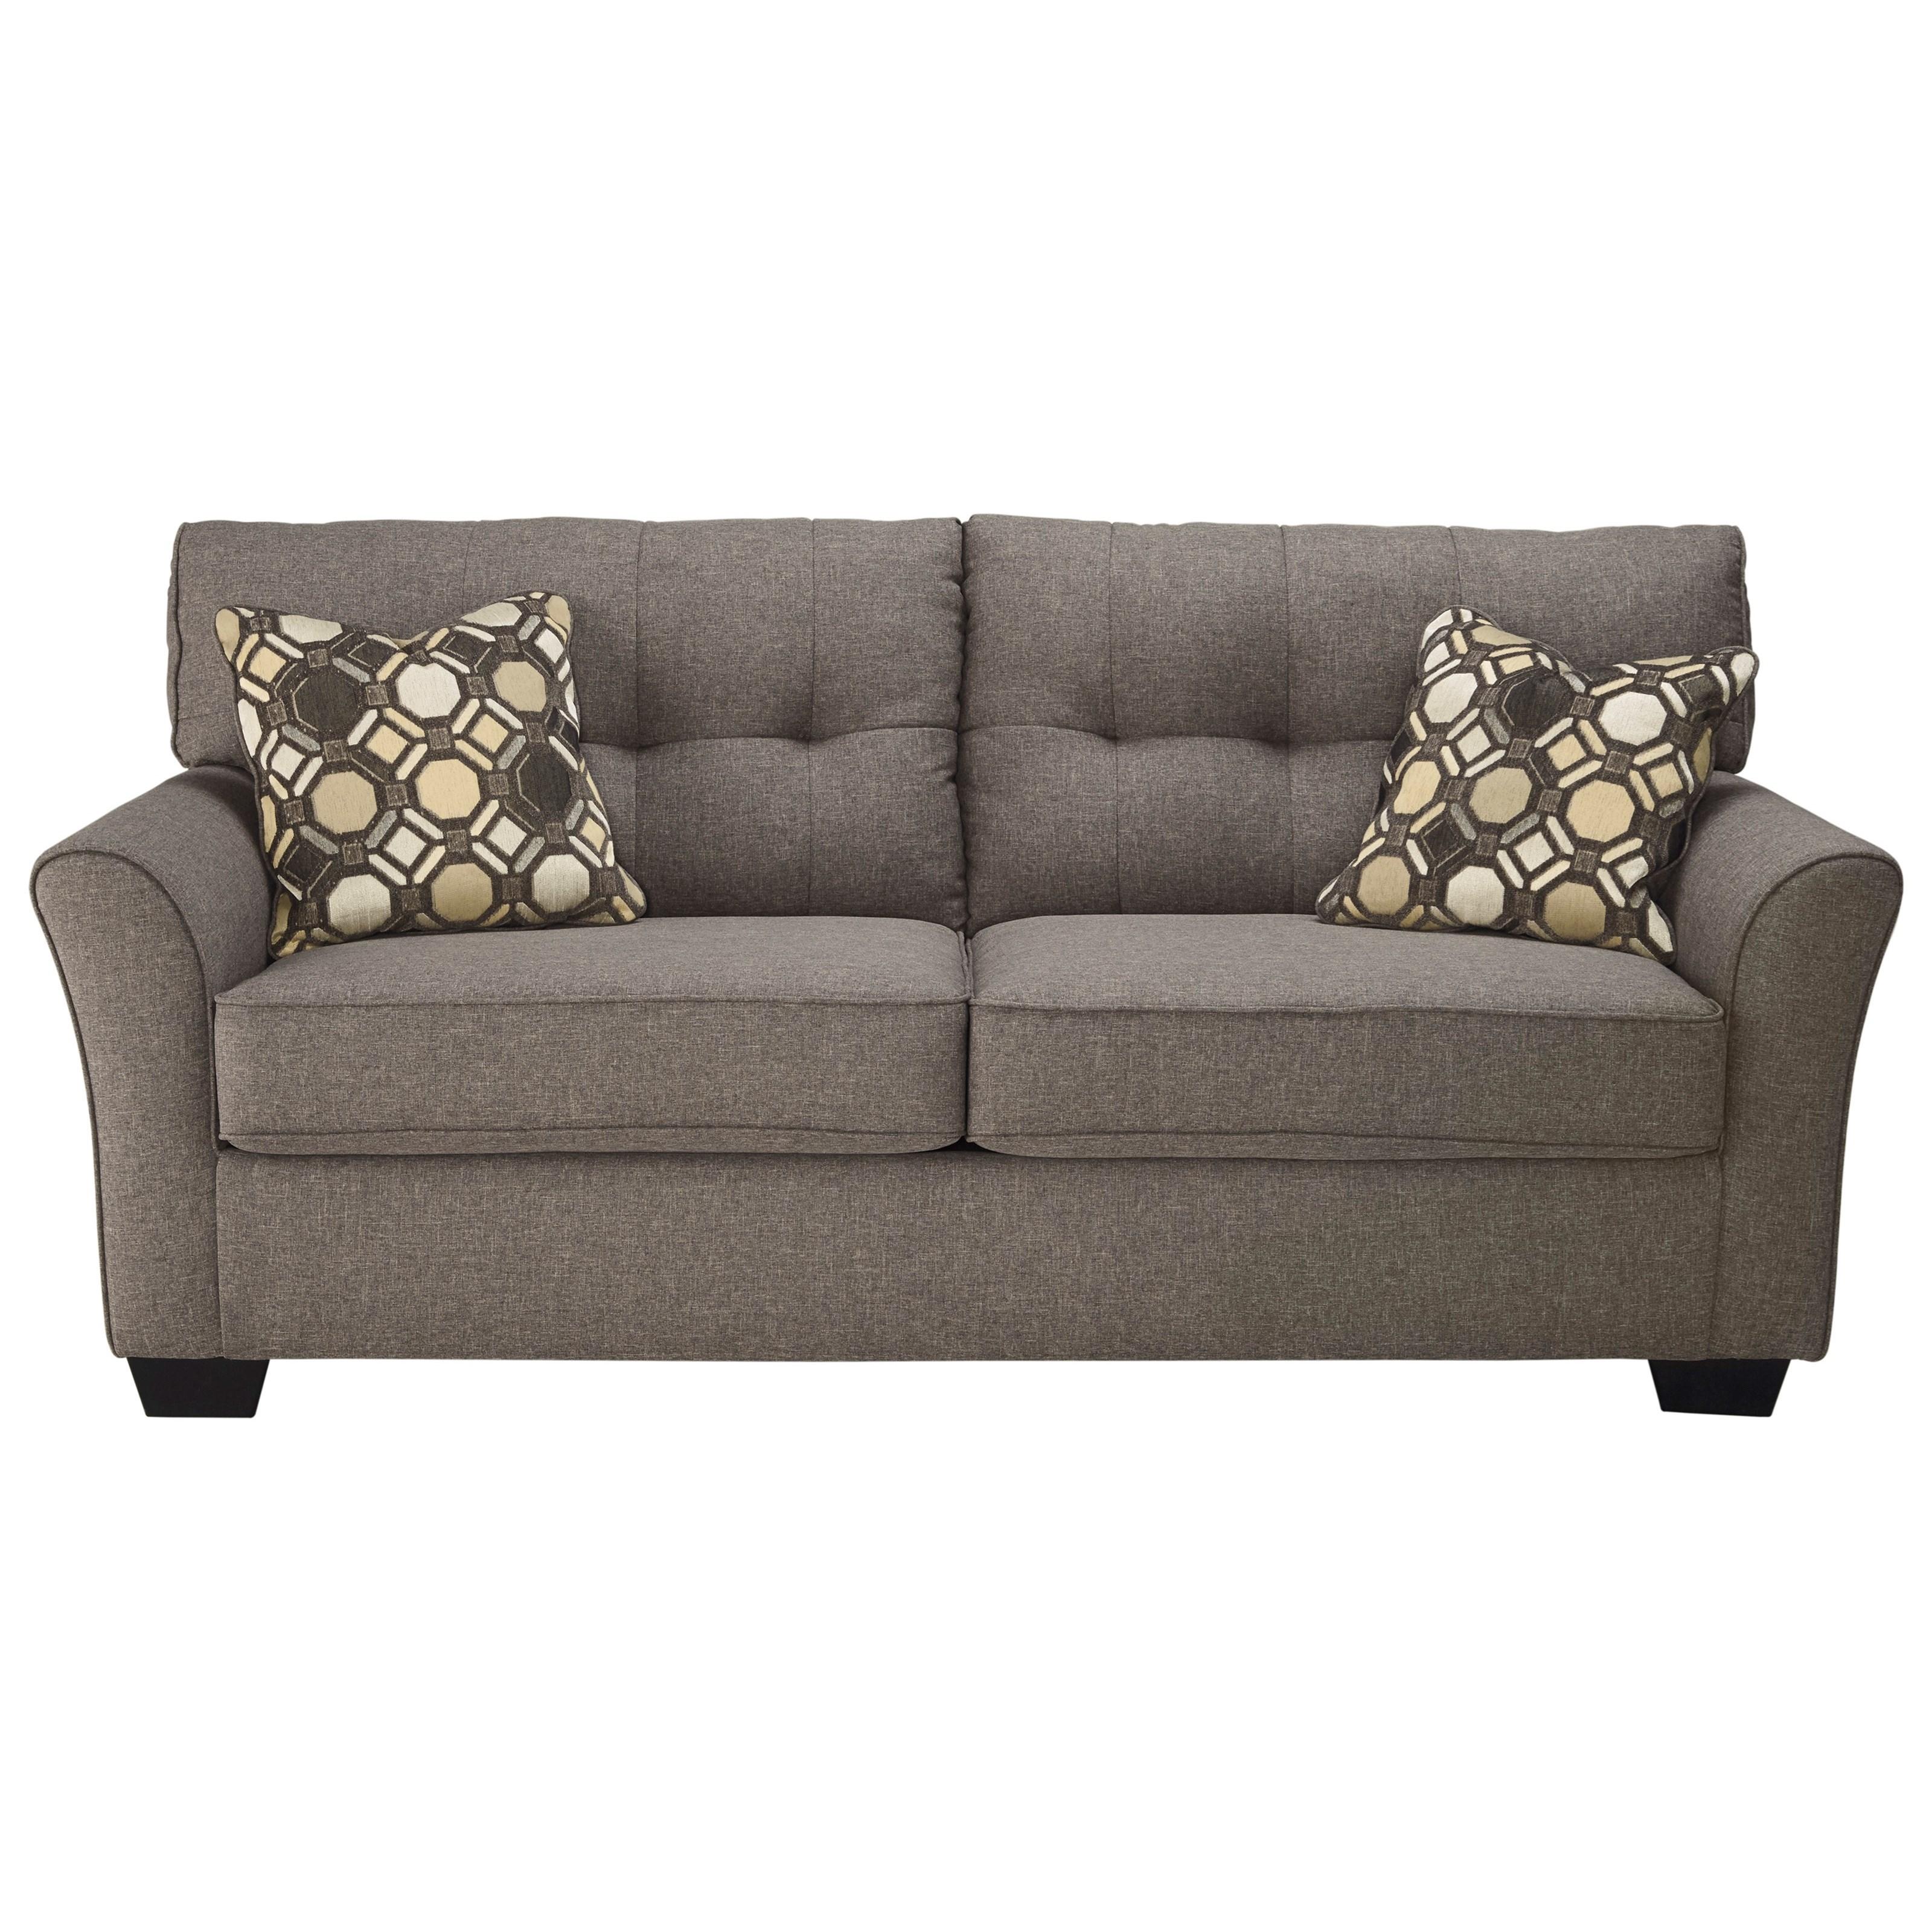 Contemporary Full Sofa Sleeper